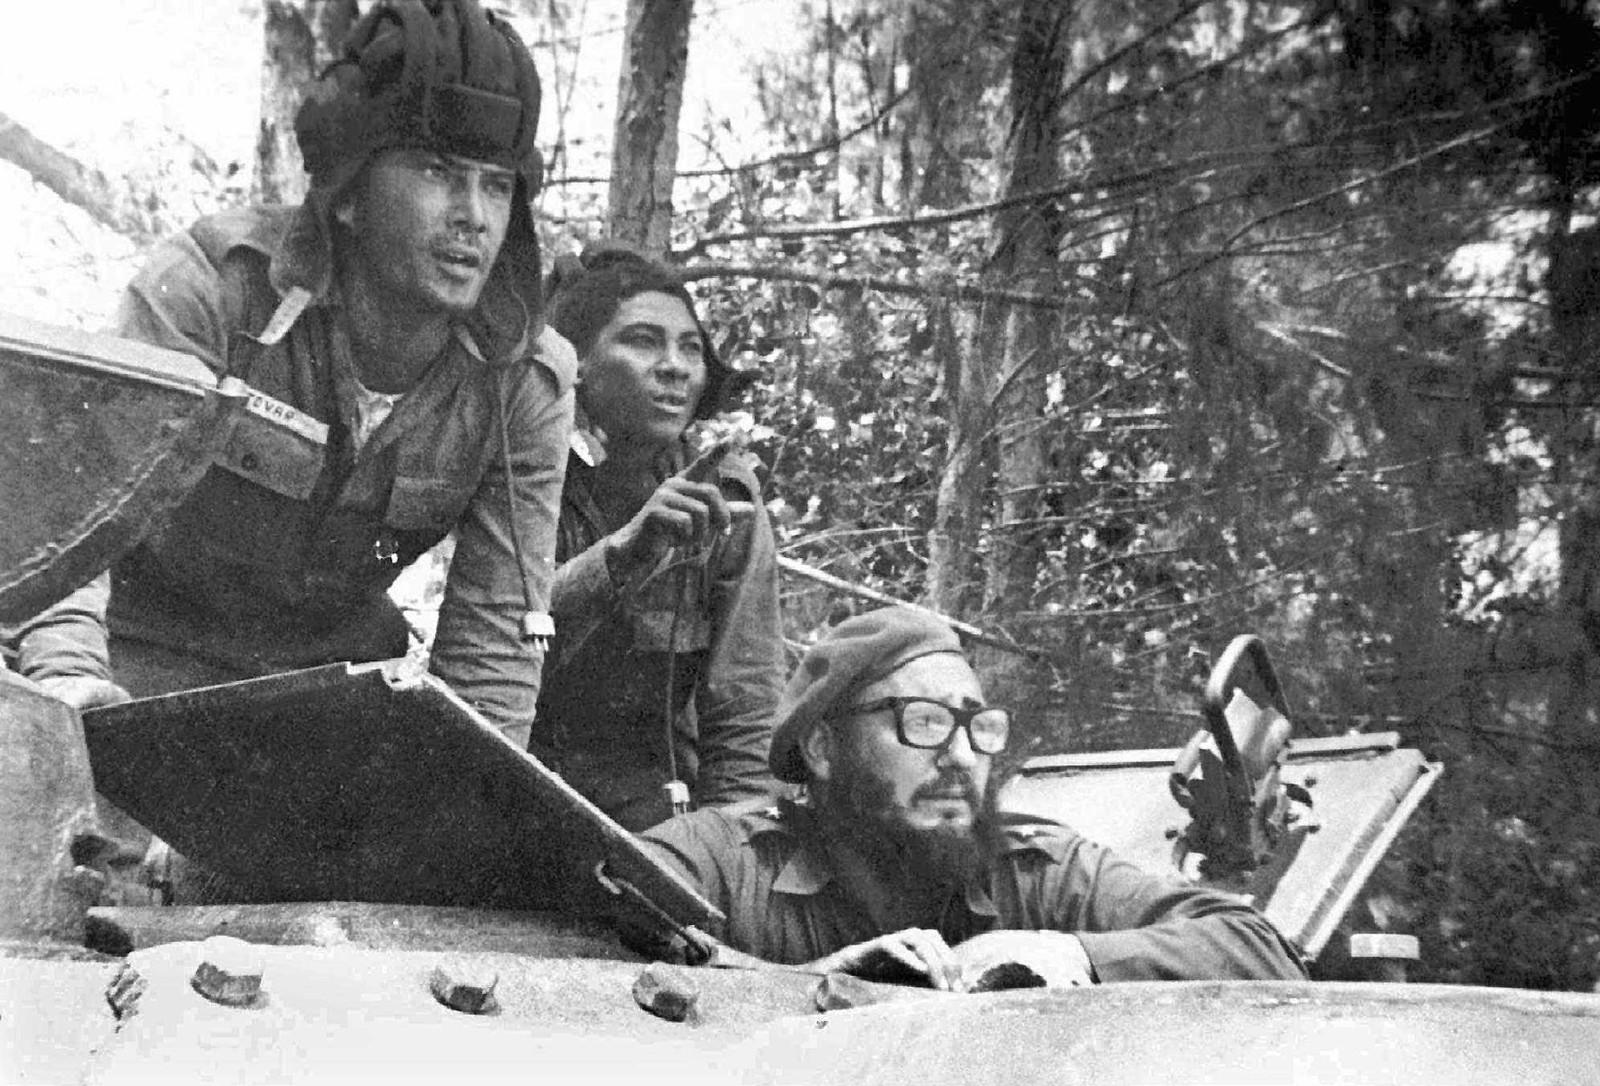 Fidel Castro sittende i en stridsvogn 17. april 1961 under den amerikansk-initierte invasjonen i Grisebukta. 1500 eksilcubanske Batista-tilhengere forsøkte å innta øya med amerikansk hjelp, for å velte Castro-regimet.